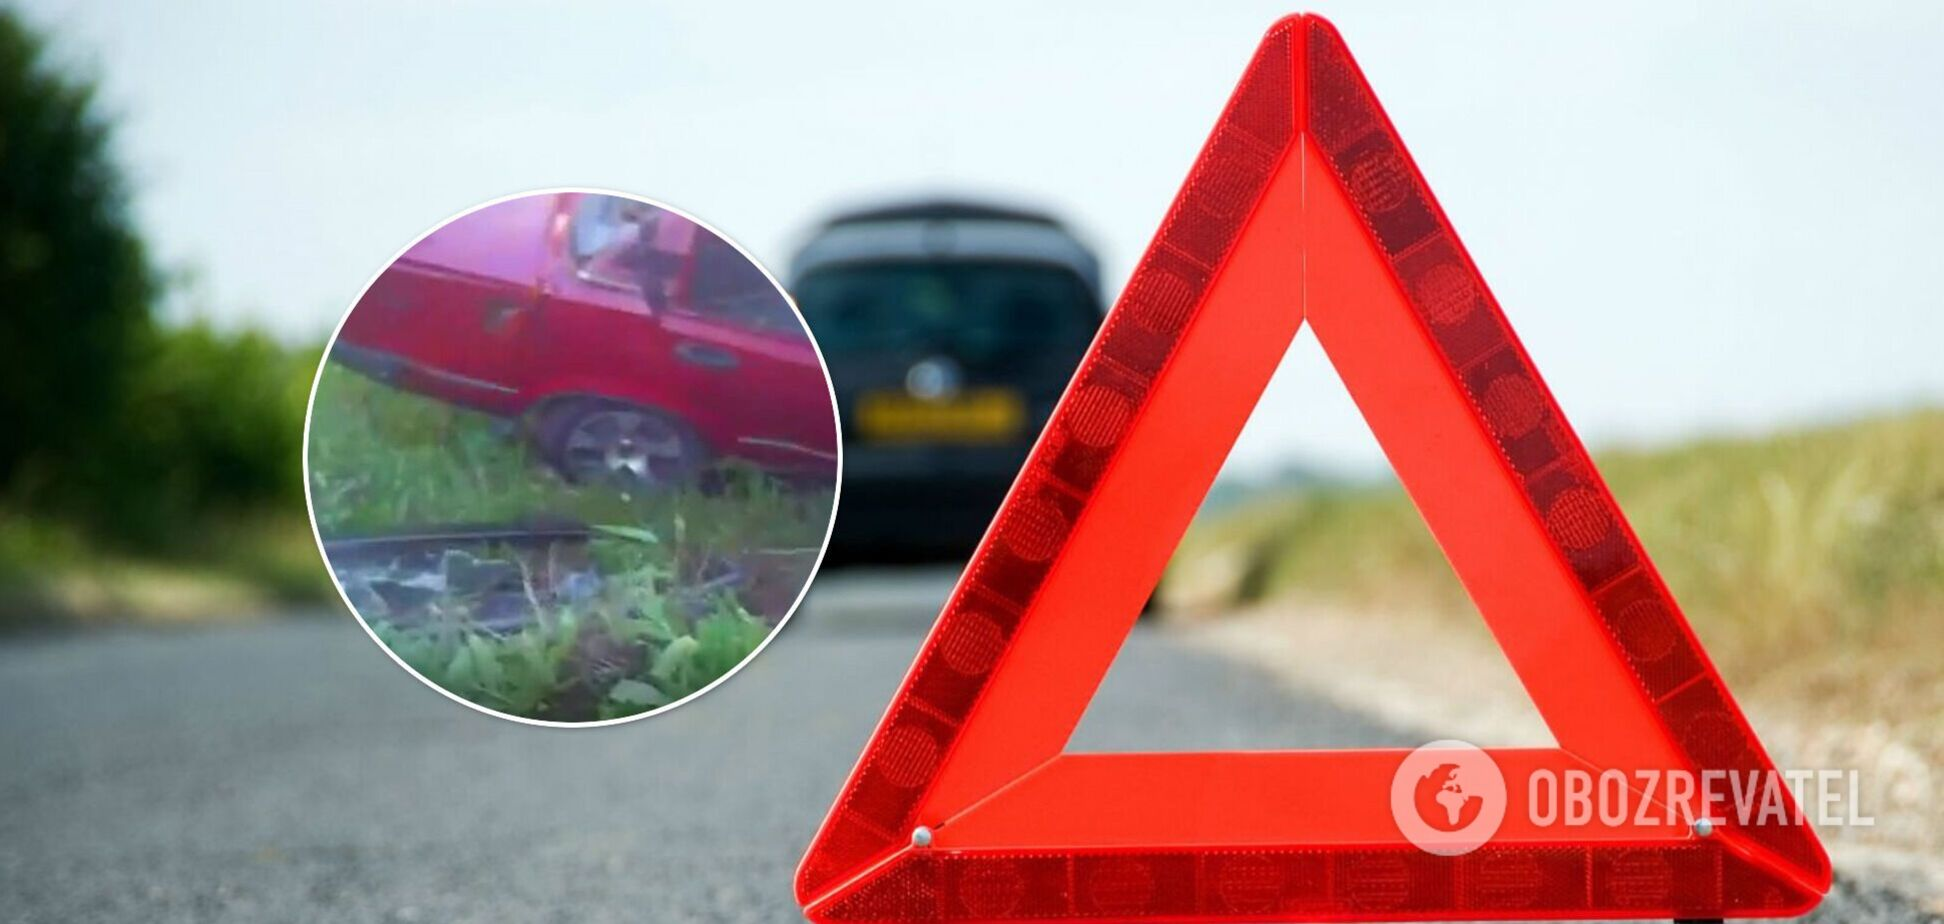 На Київщині авто влетіло в дерево: чоловік загинув, жінку врятували патрульні. Відео